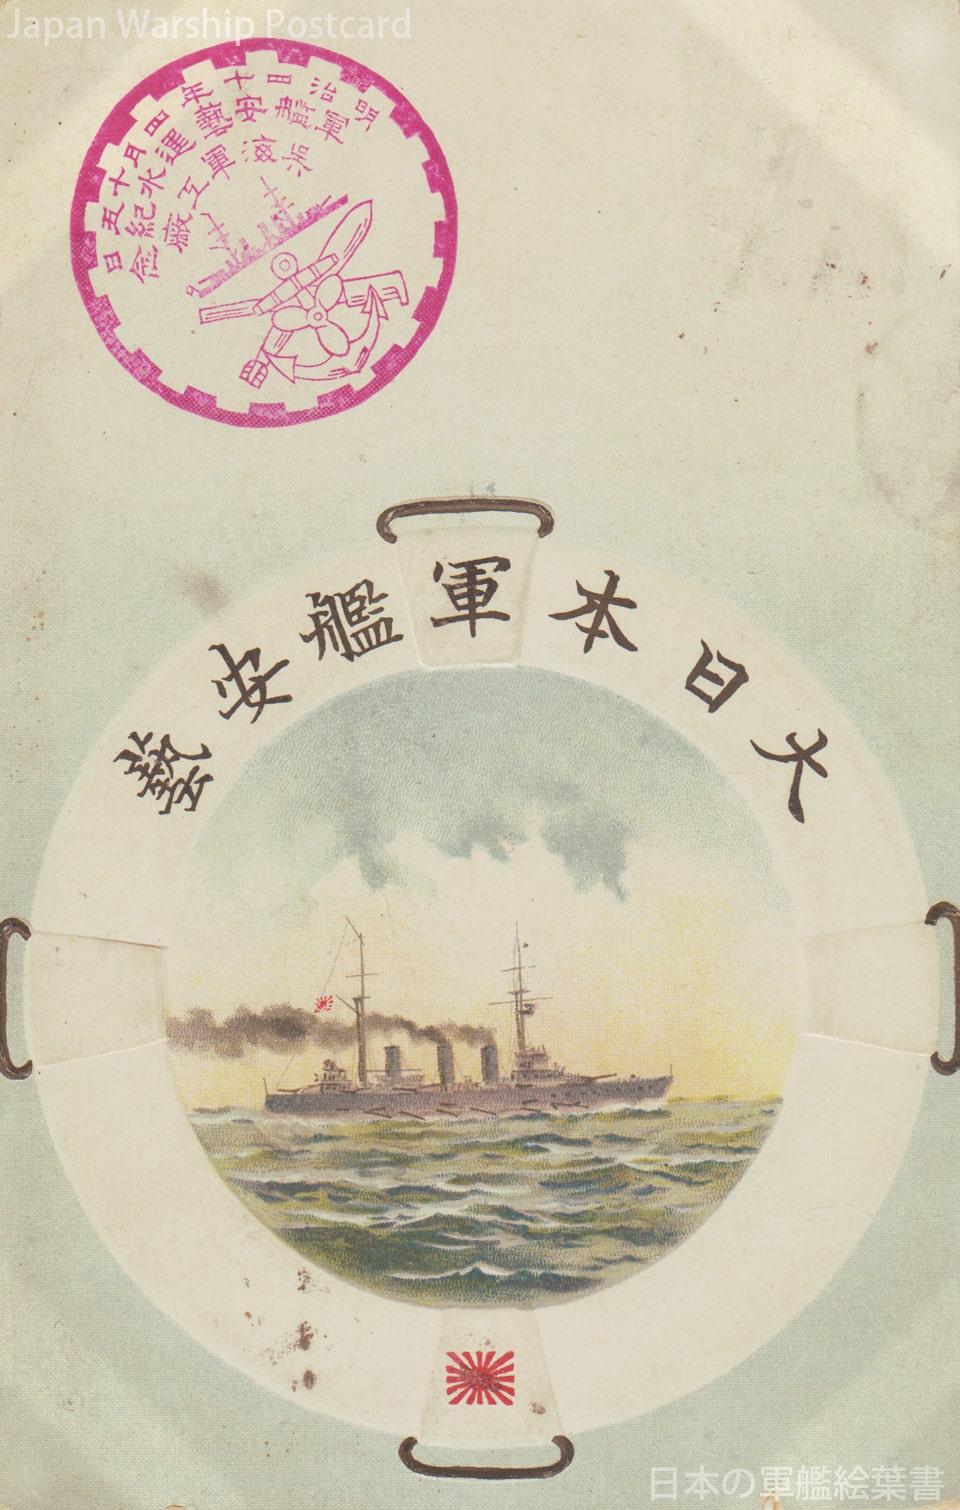 薩摩型戦艦「安芸」